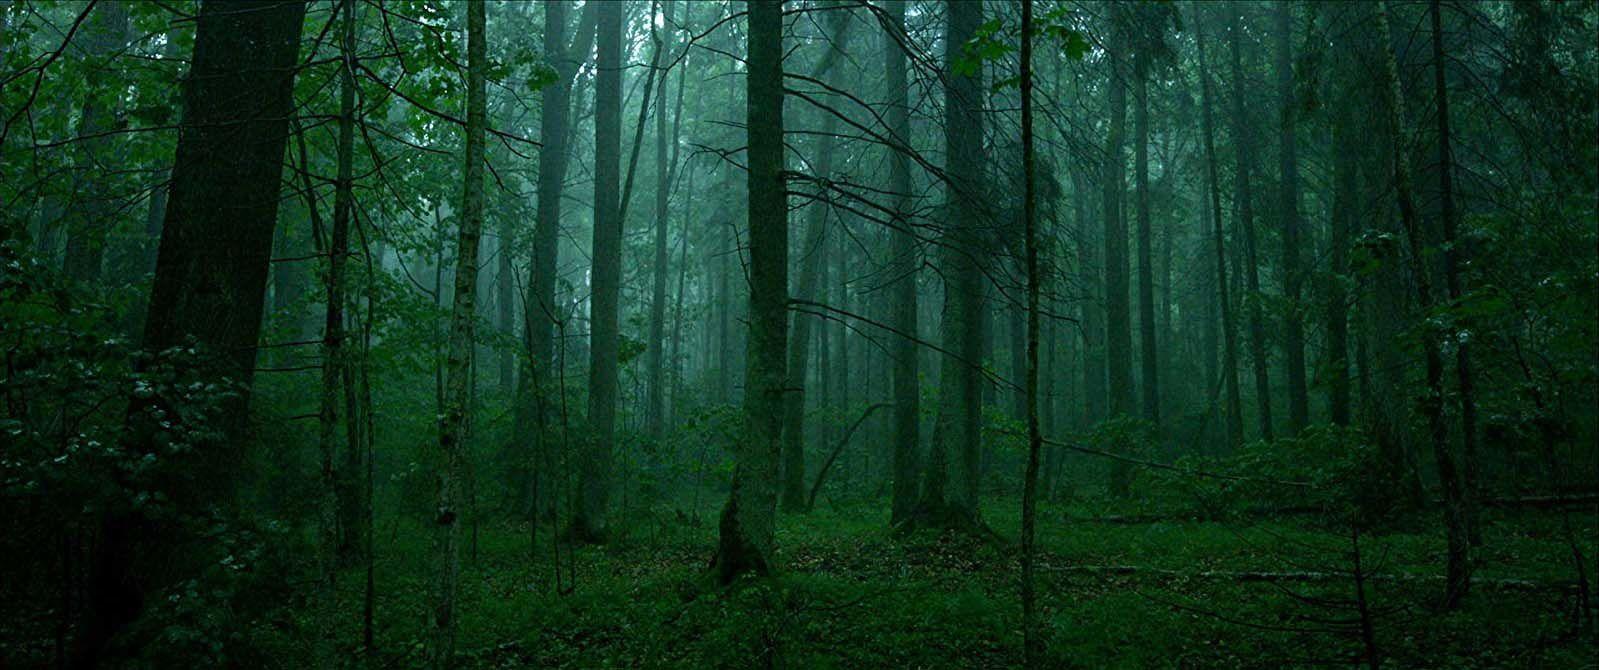 Dans les bois (BANDE-ANNONCE) Documentaire de Mindaugas Survila - Le 6 mars 2019 au cinéma